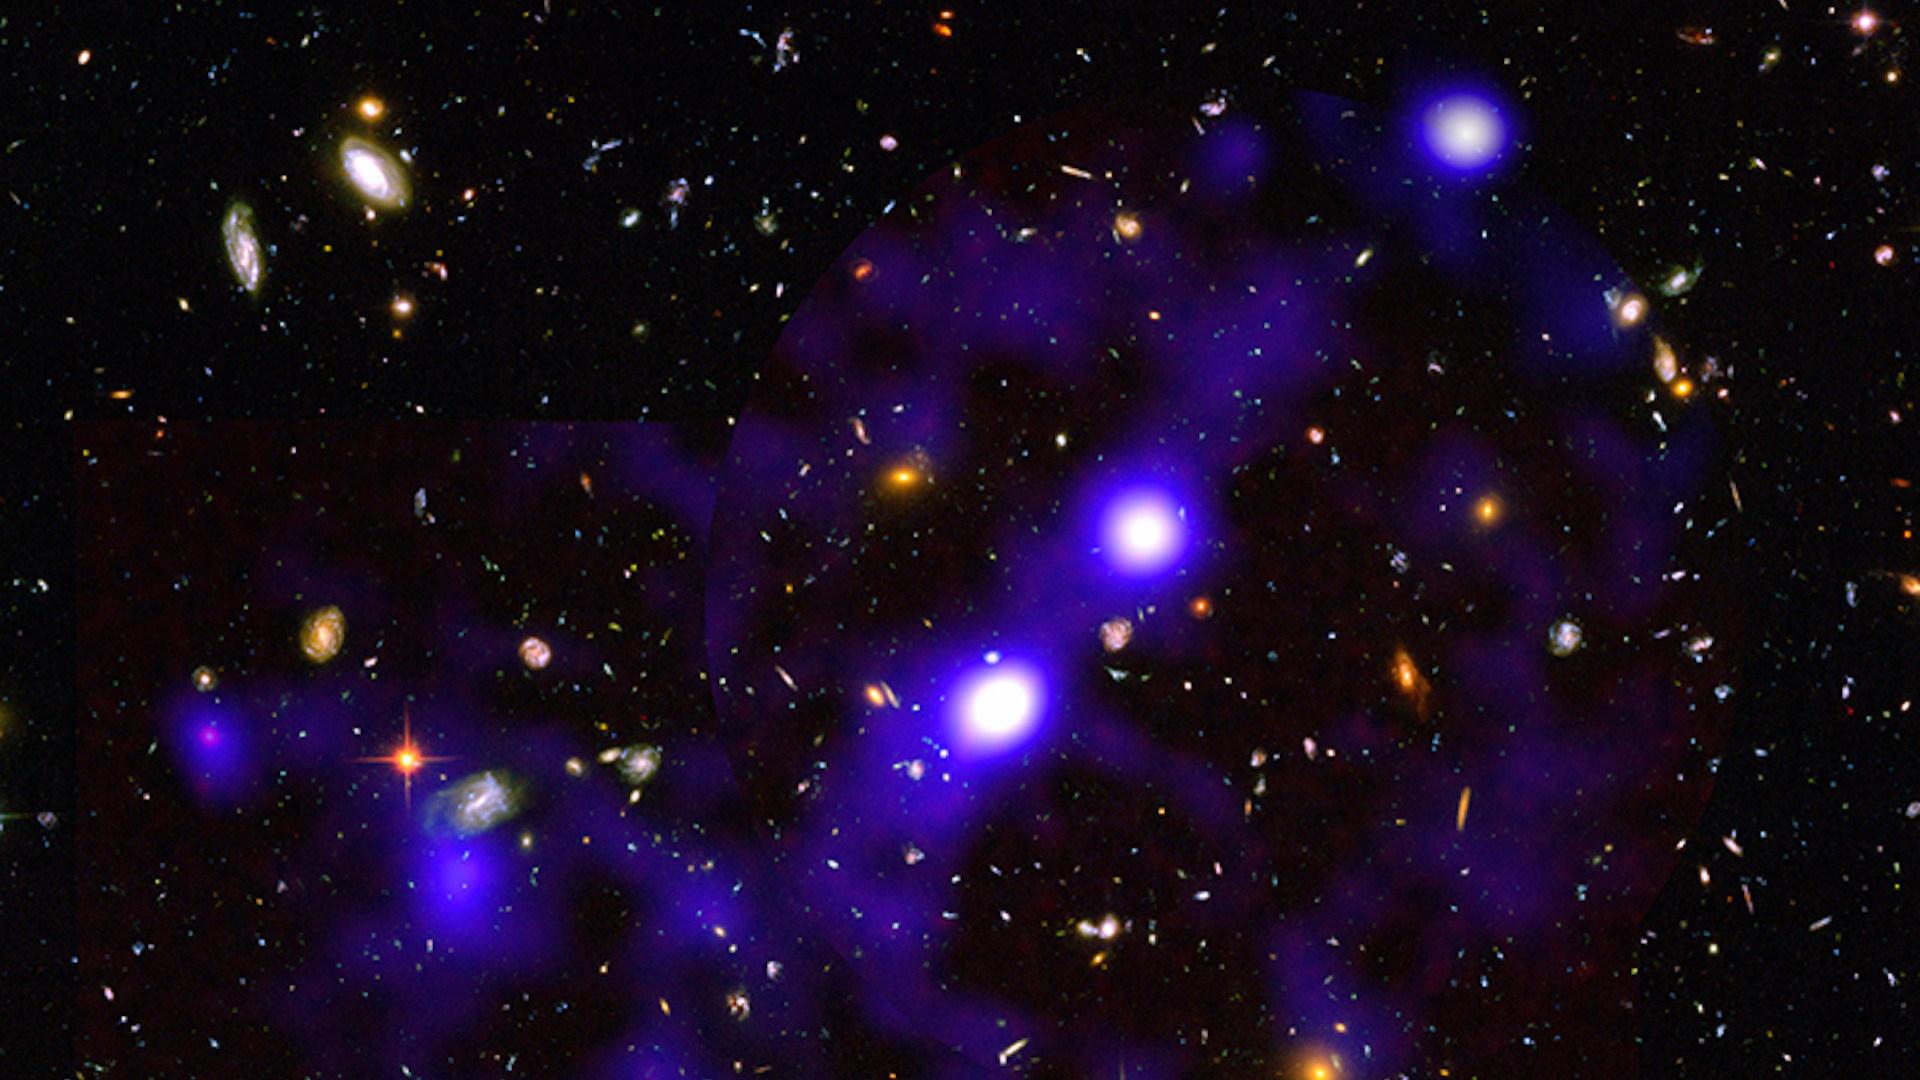 Weltall, Sterne, Galaxie, universum, Filament